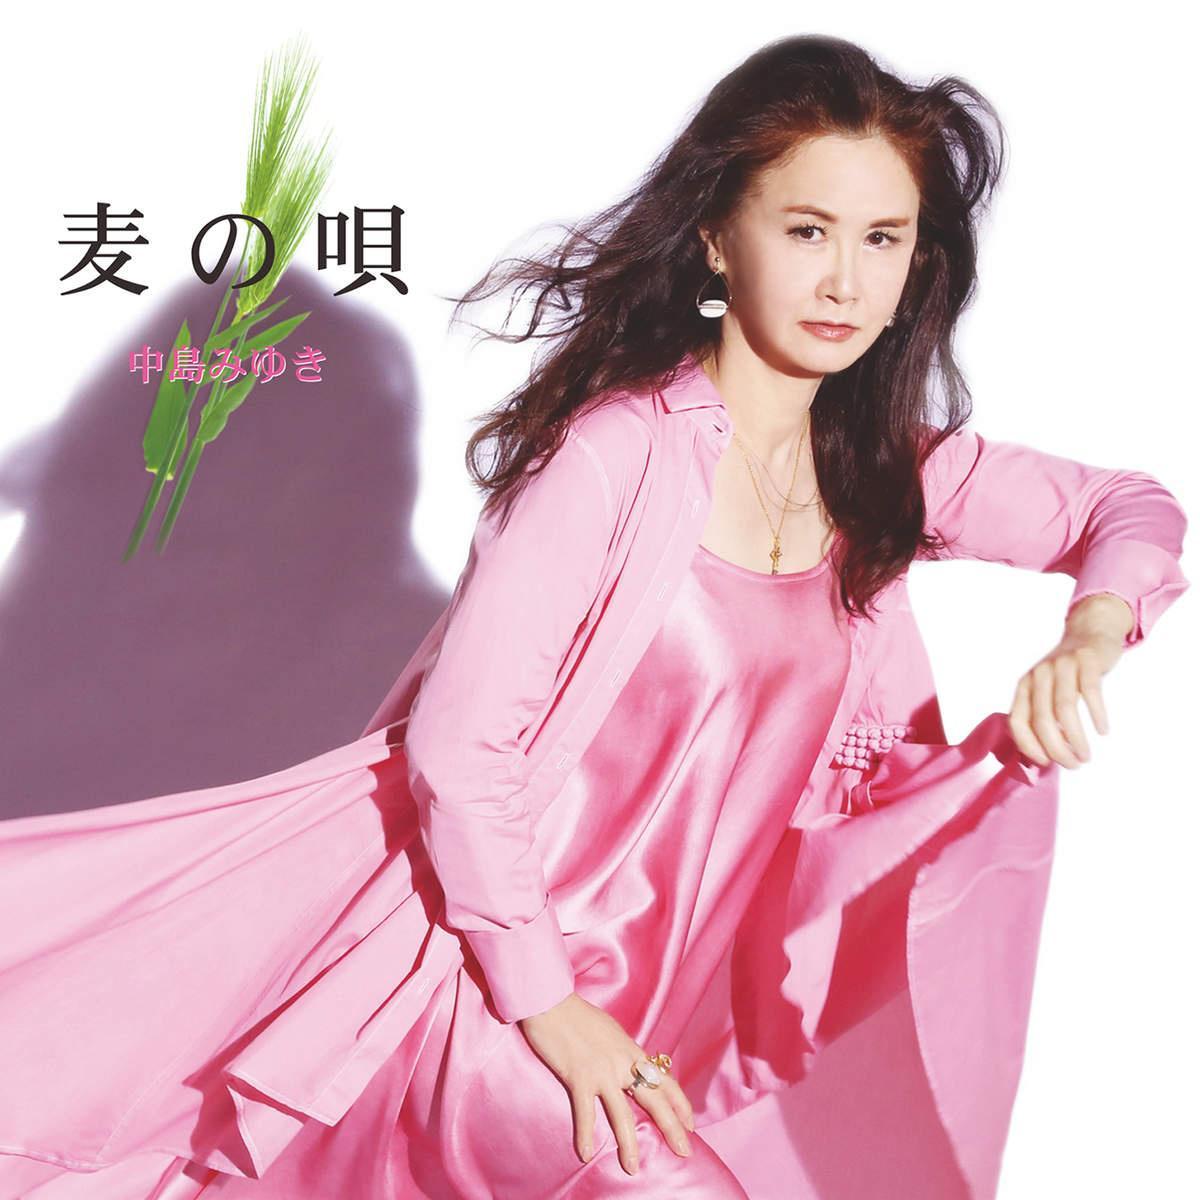 歌手:中岛みゆき - (中岛美雪) 所属专辑:麦の呗 网易云音乐多端